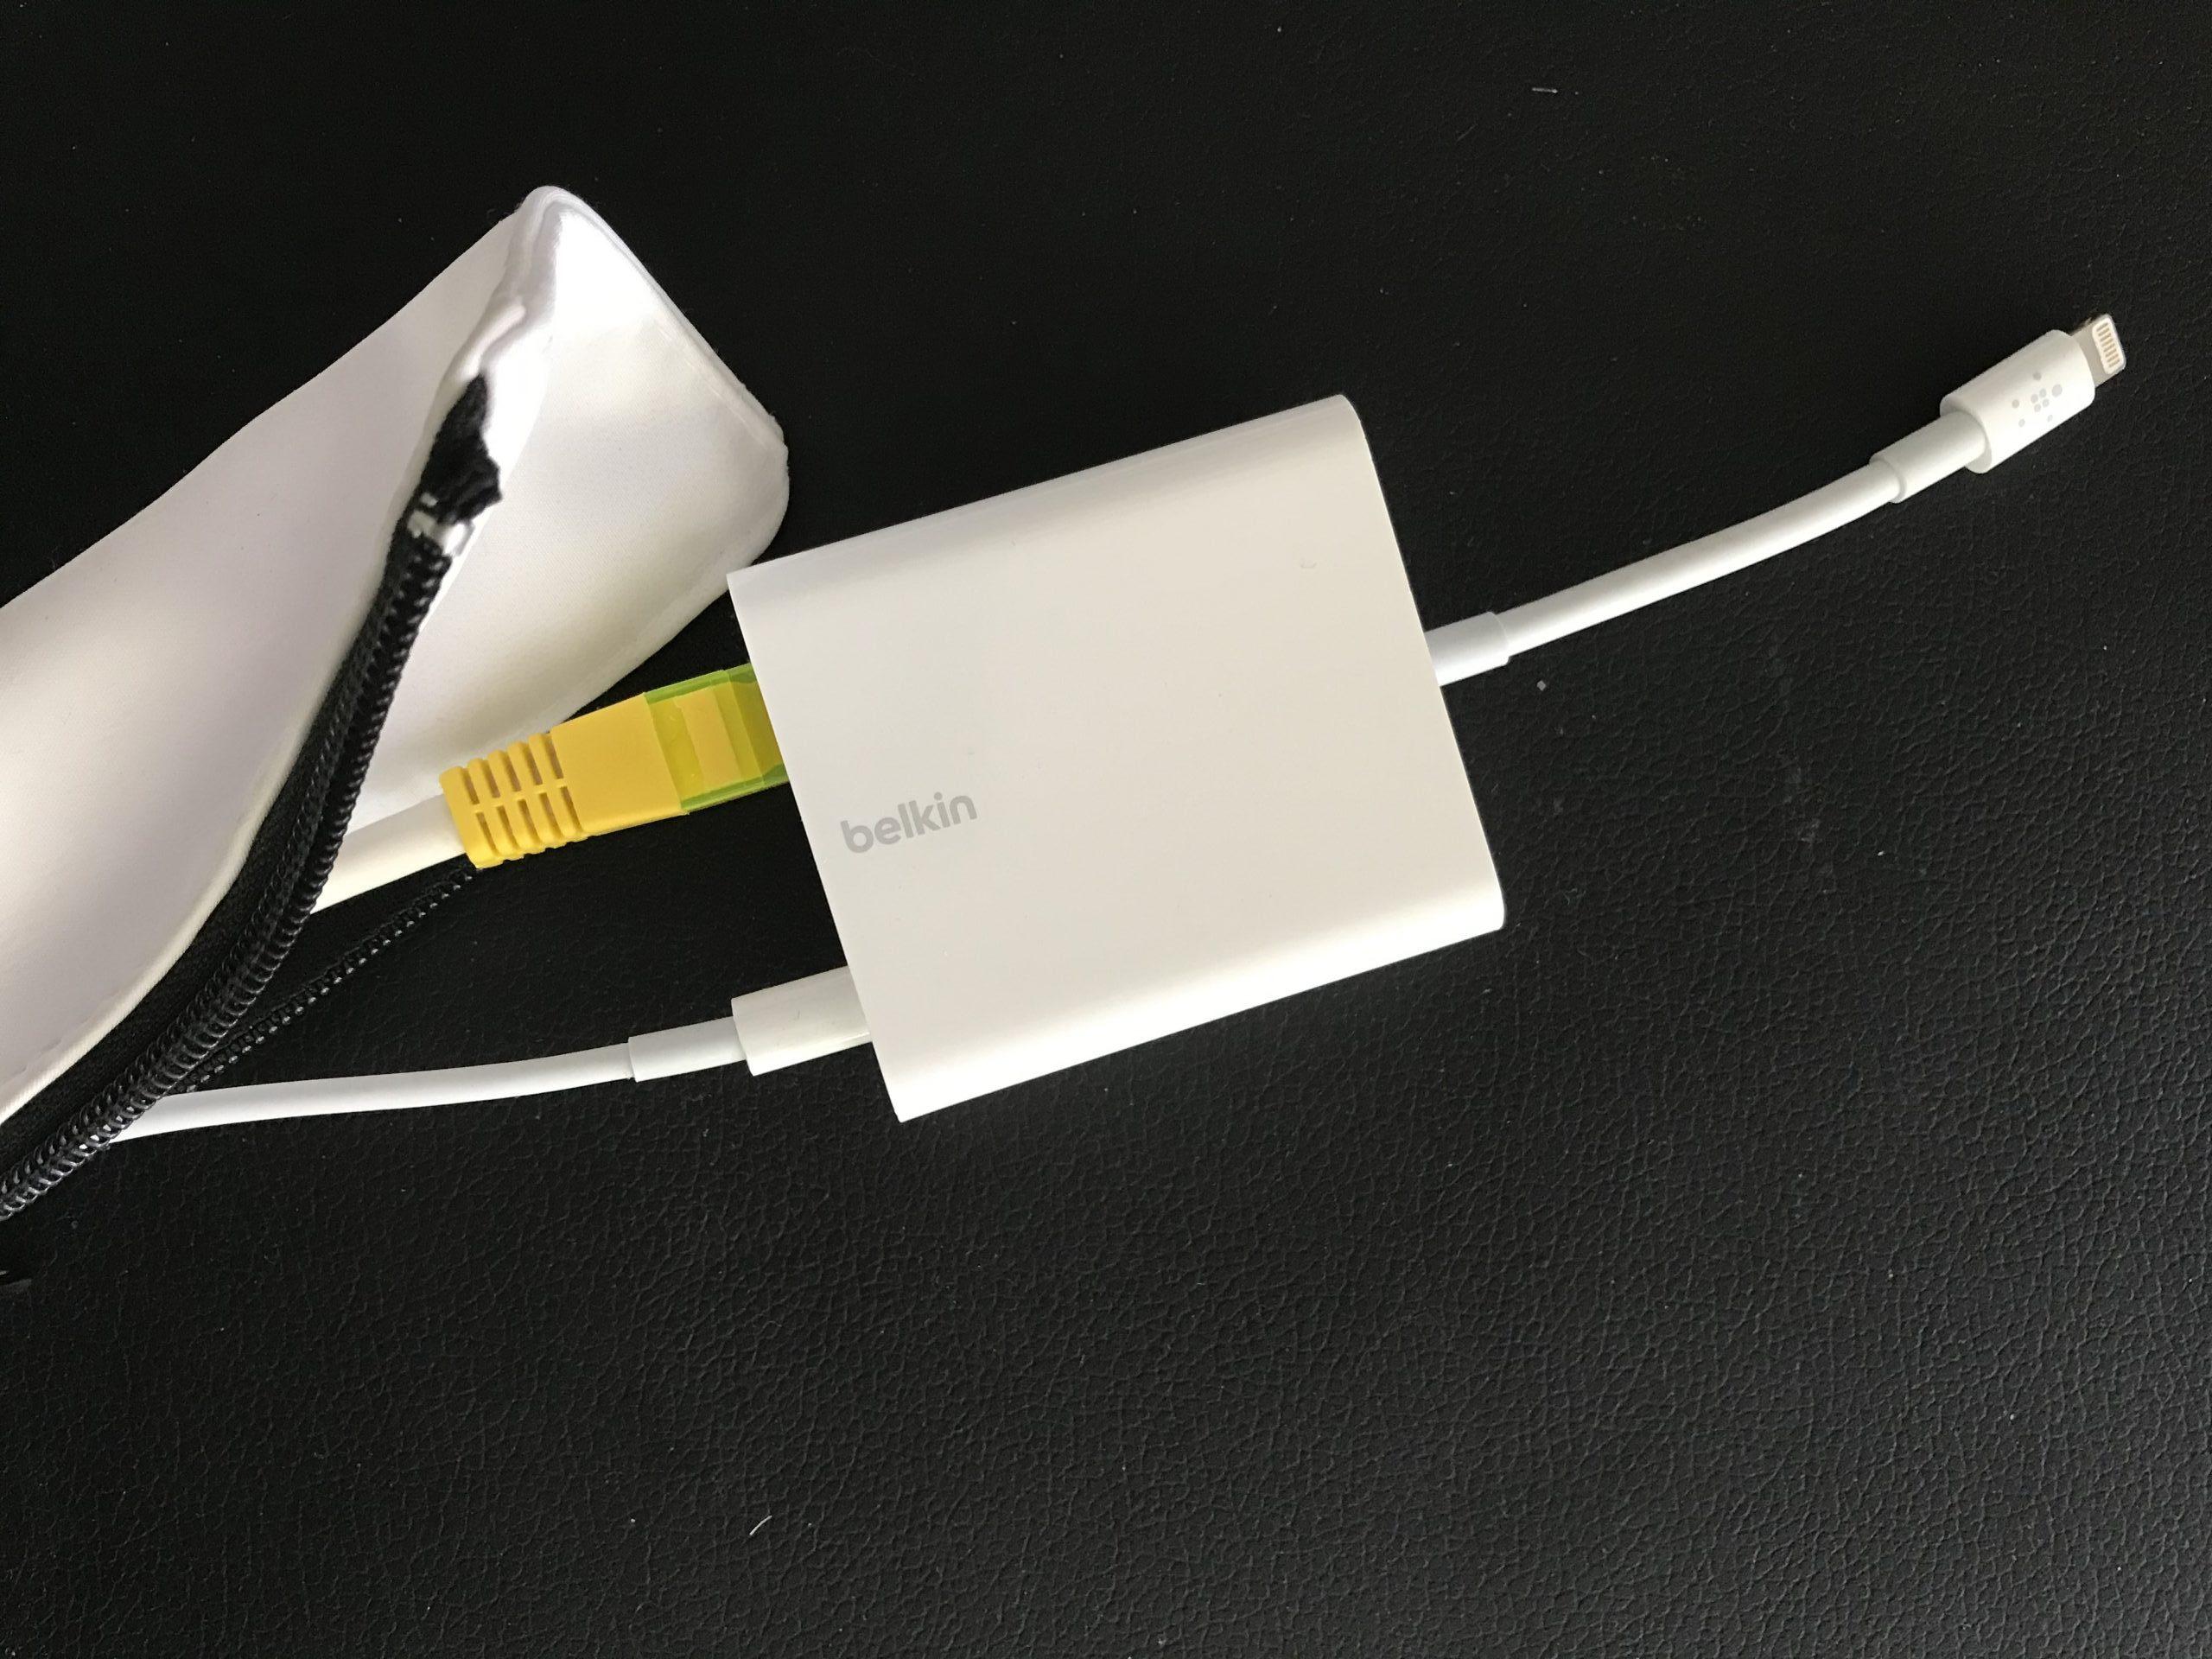 Kabel configuratie voor wifi-vrij internetten met mobiele telefoon